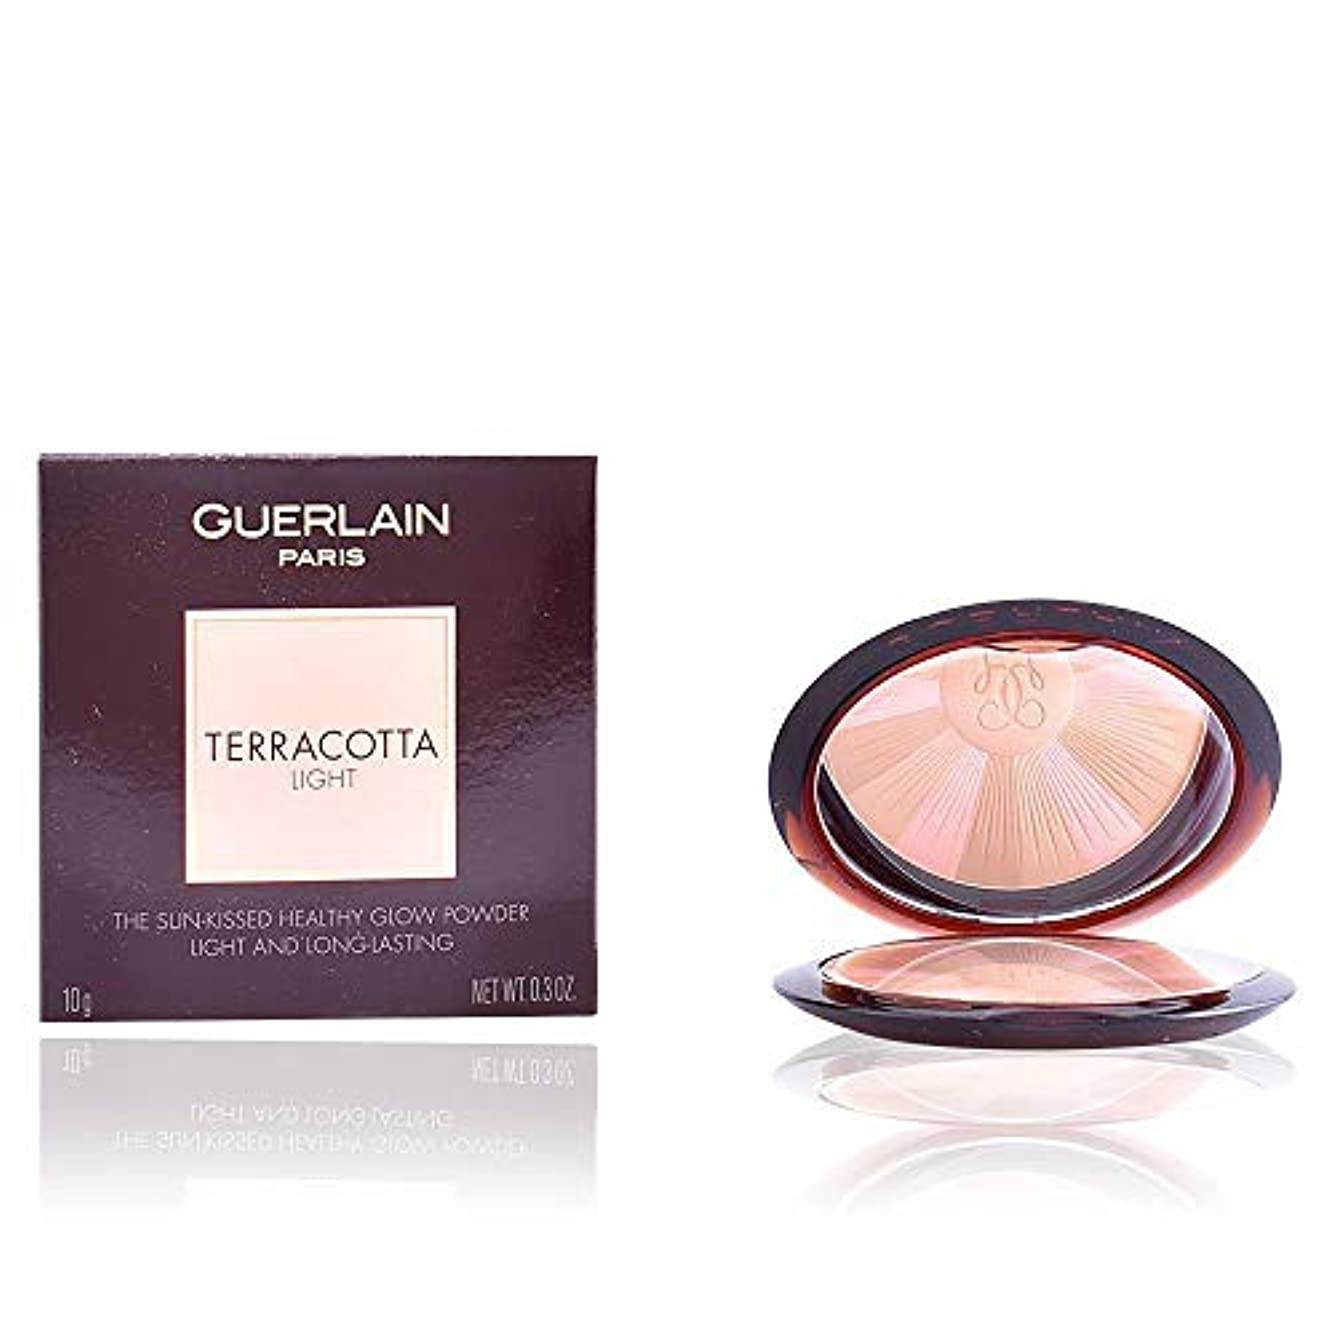 干渉するモニターピンゲラン Terracotta Light The Sun Kissed Healthy Glow Powder - # 00 Light Cool 10g/0.3oz並行輸入品